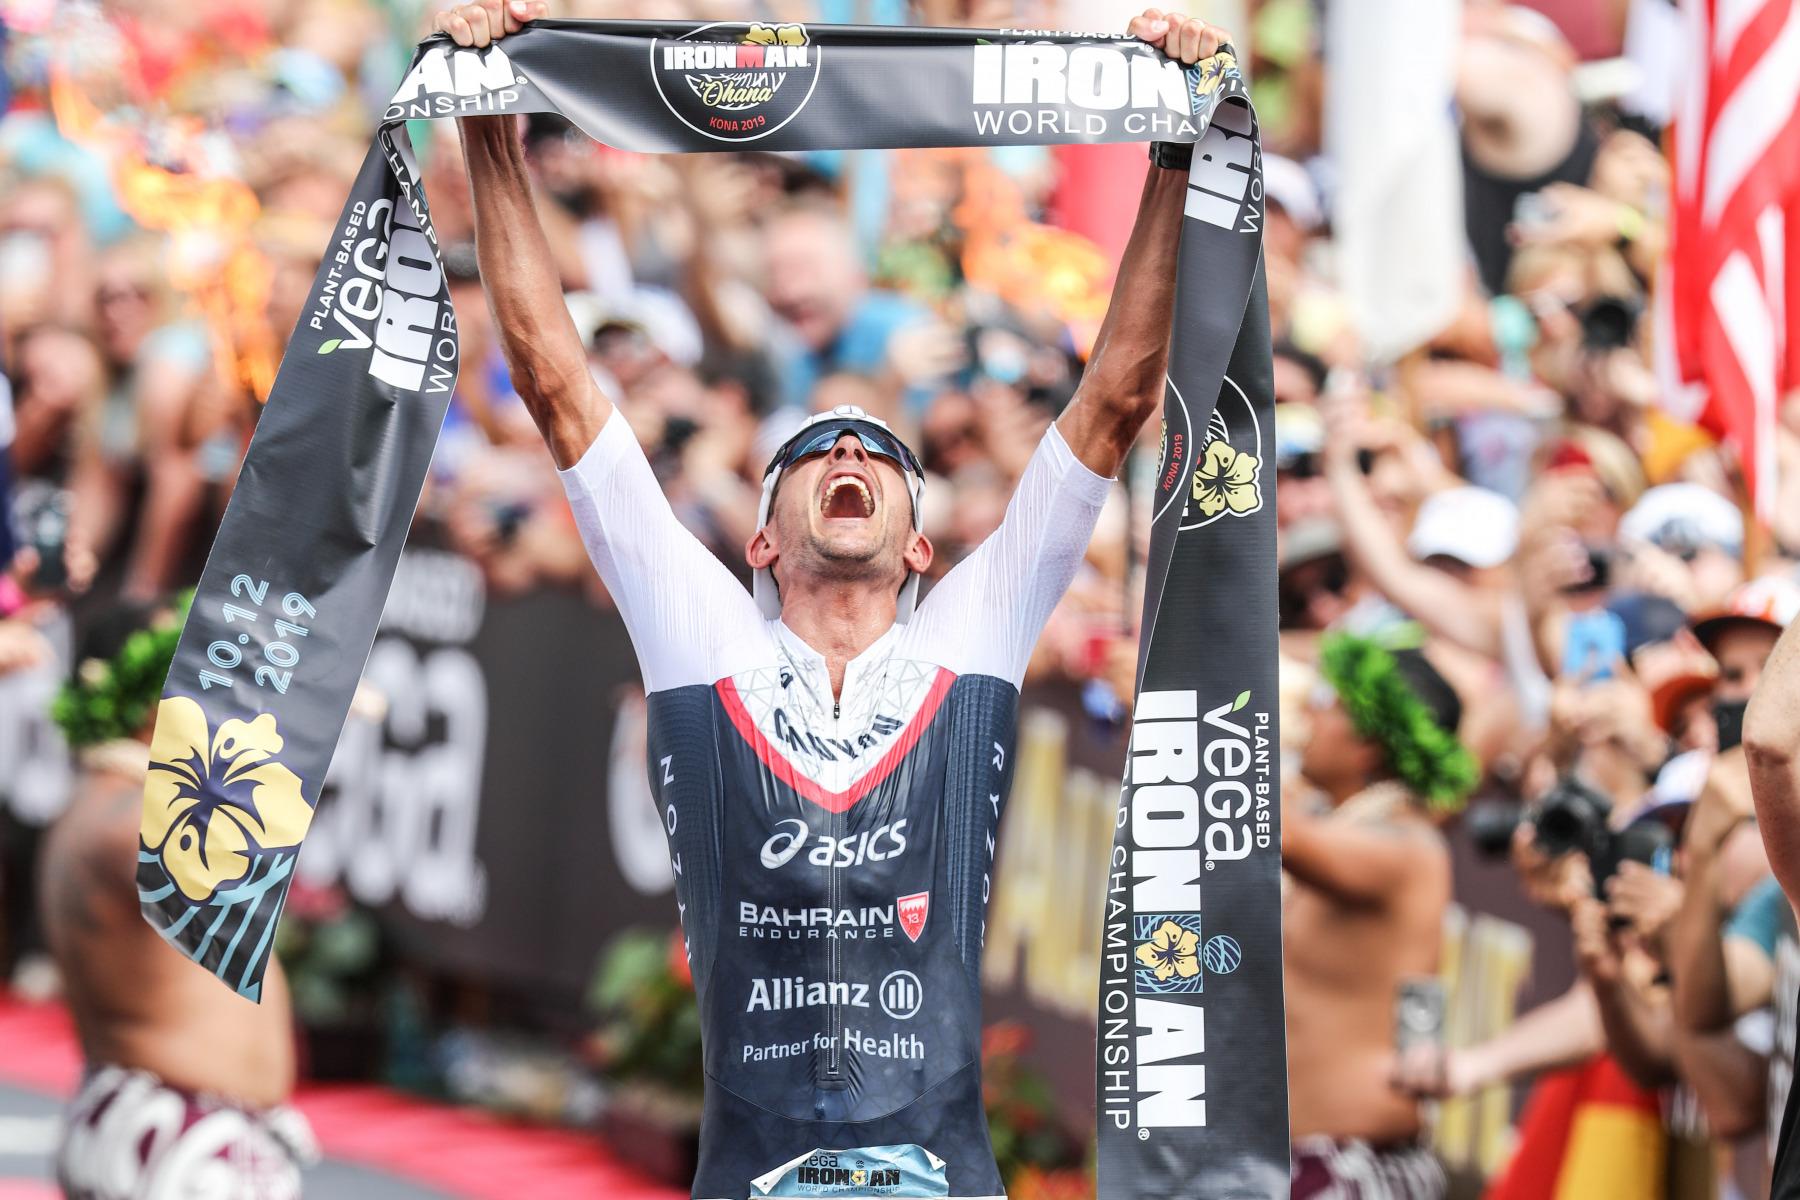 Zum dritten Mal nach 2015 und 2016 holt Frodeno den Weltmeistertitel.